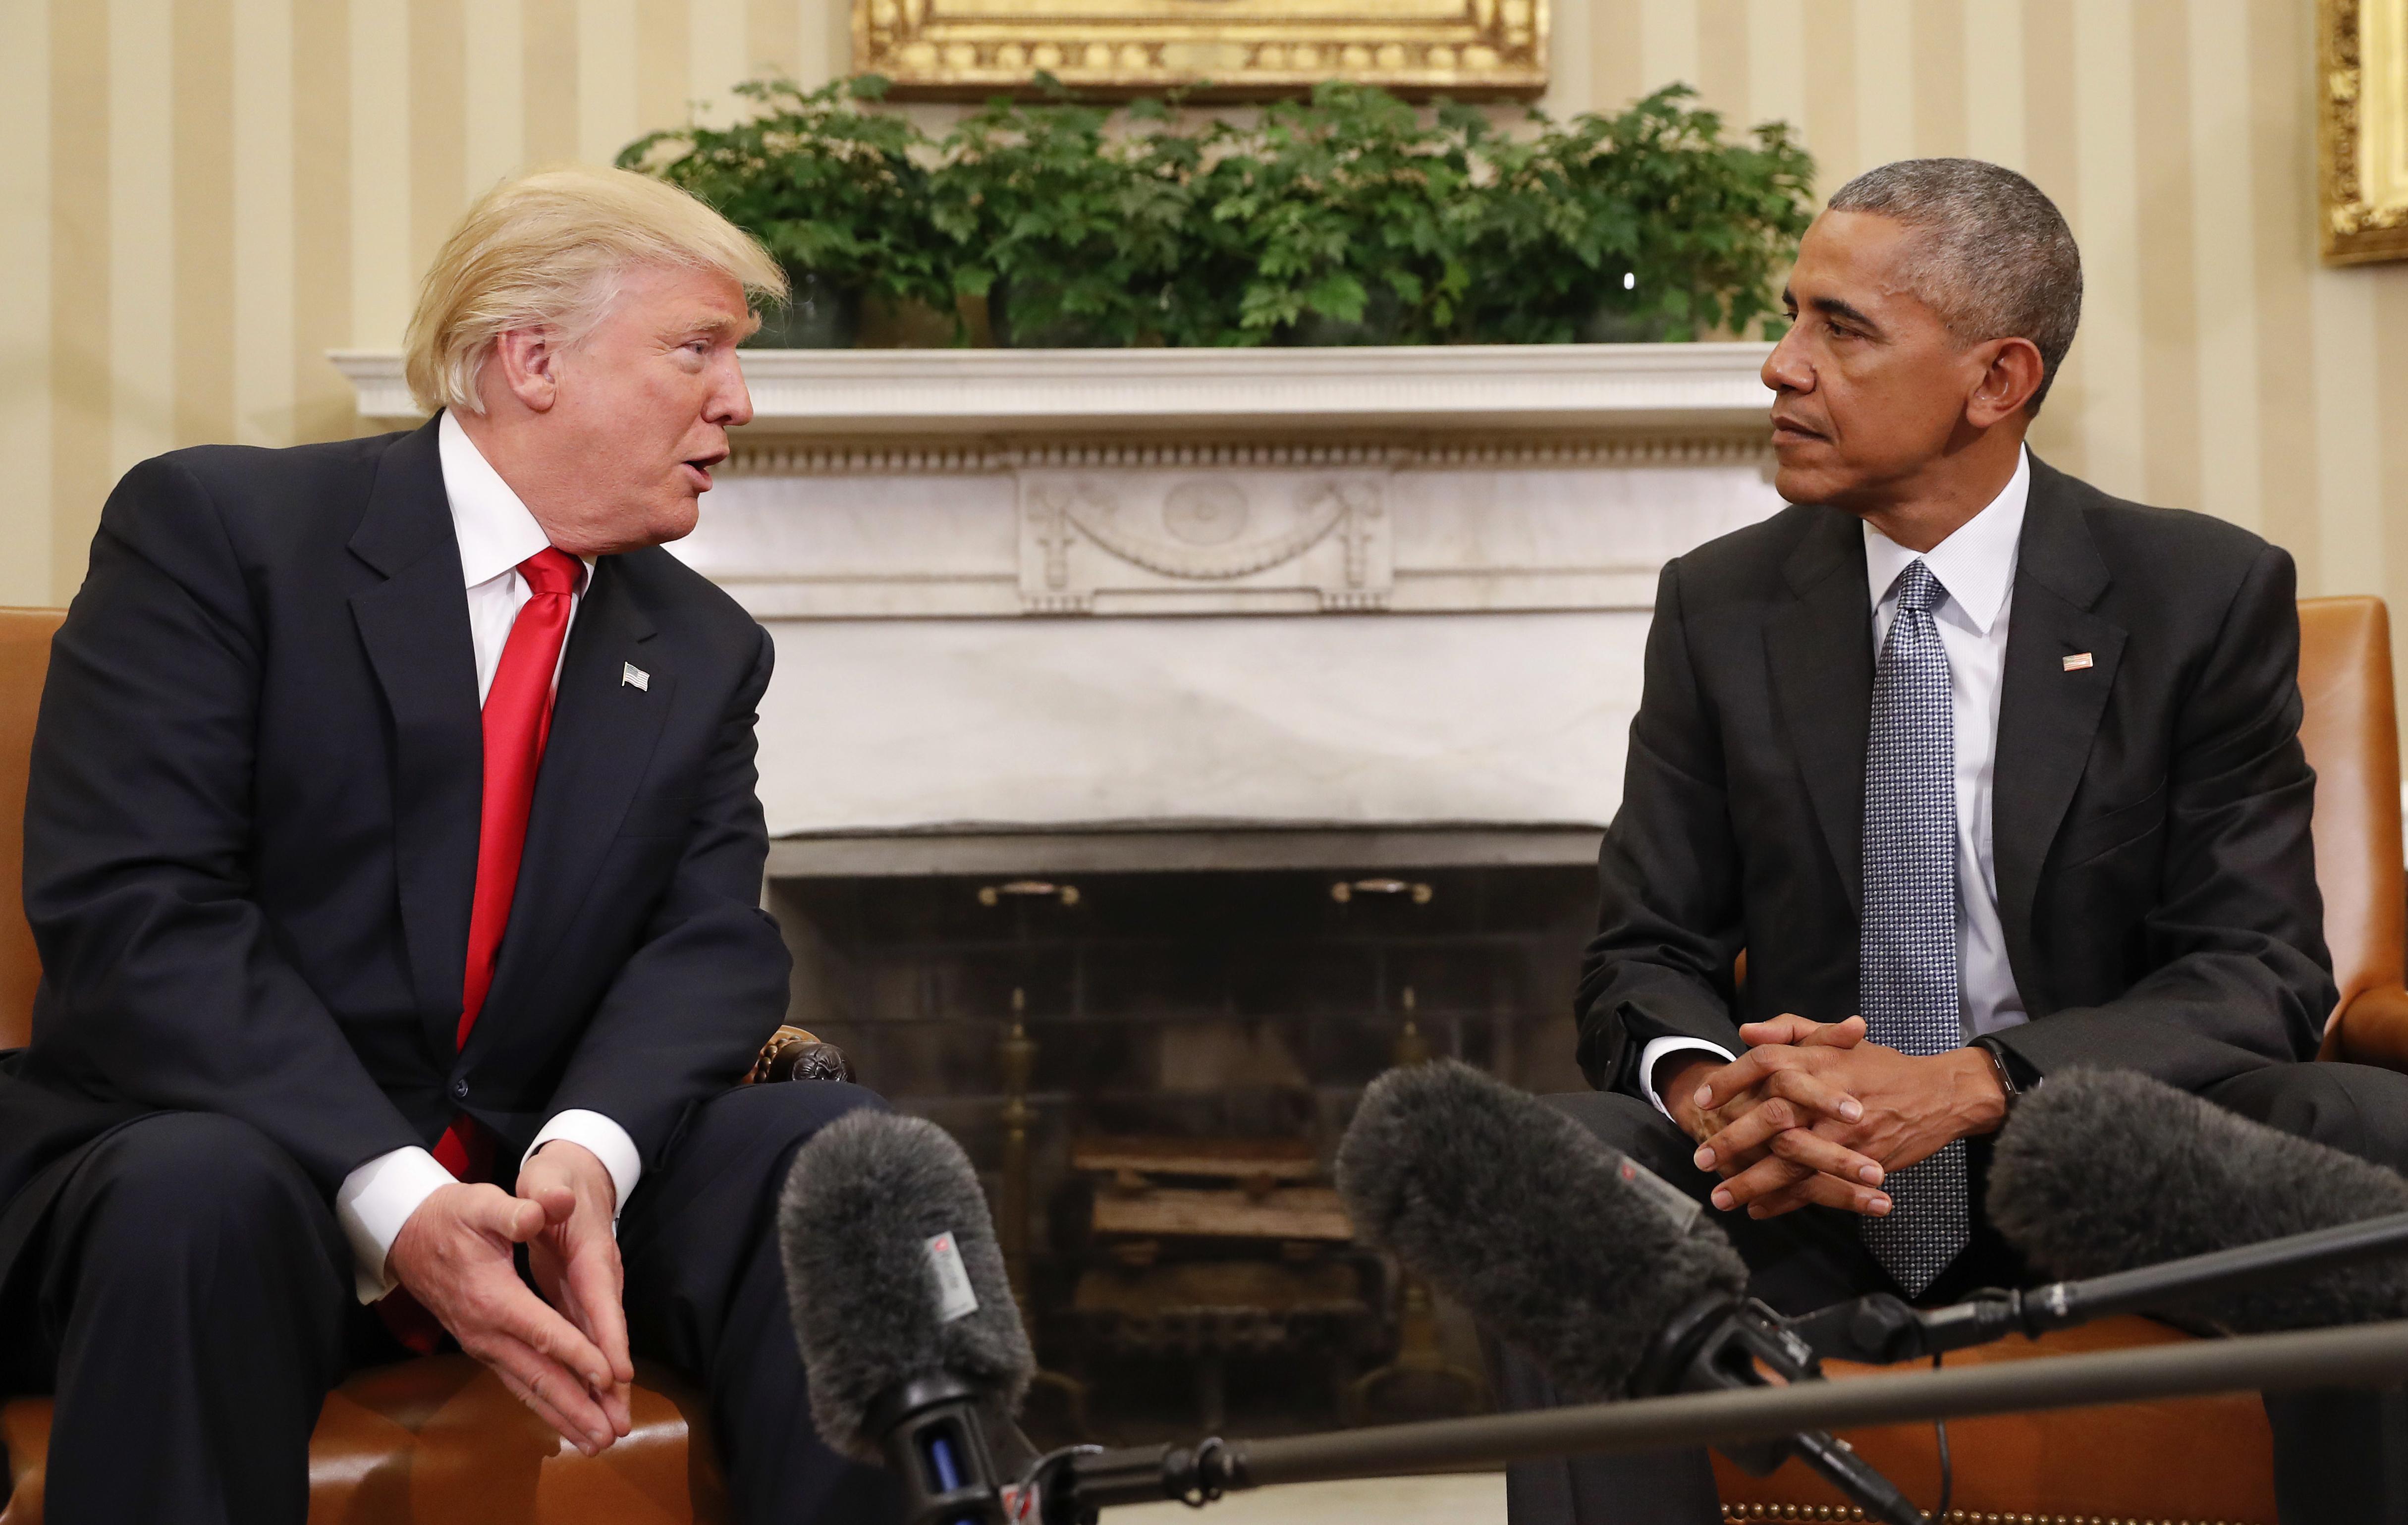 Obama DOJ declined 'defensive briefing' for Trump campaign on Russia